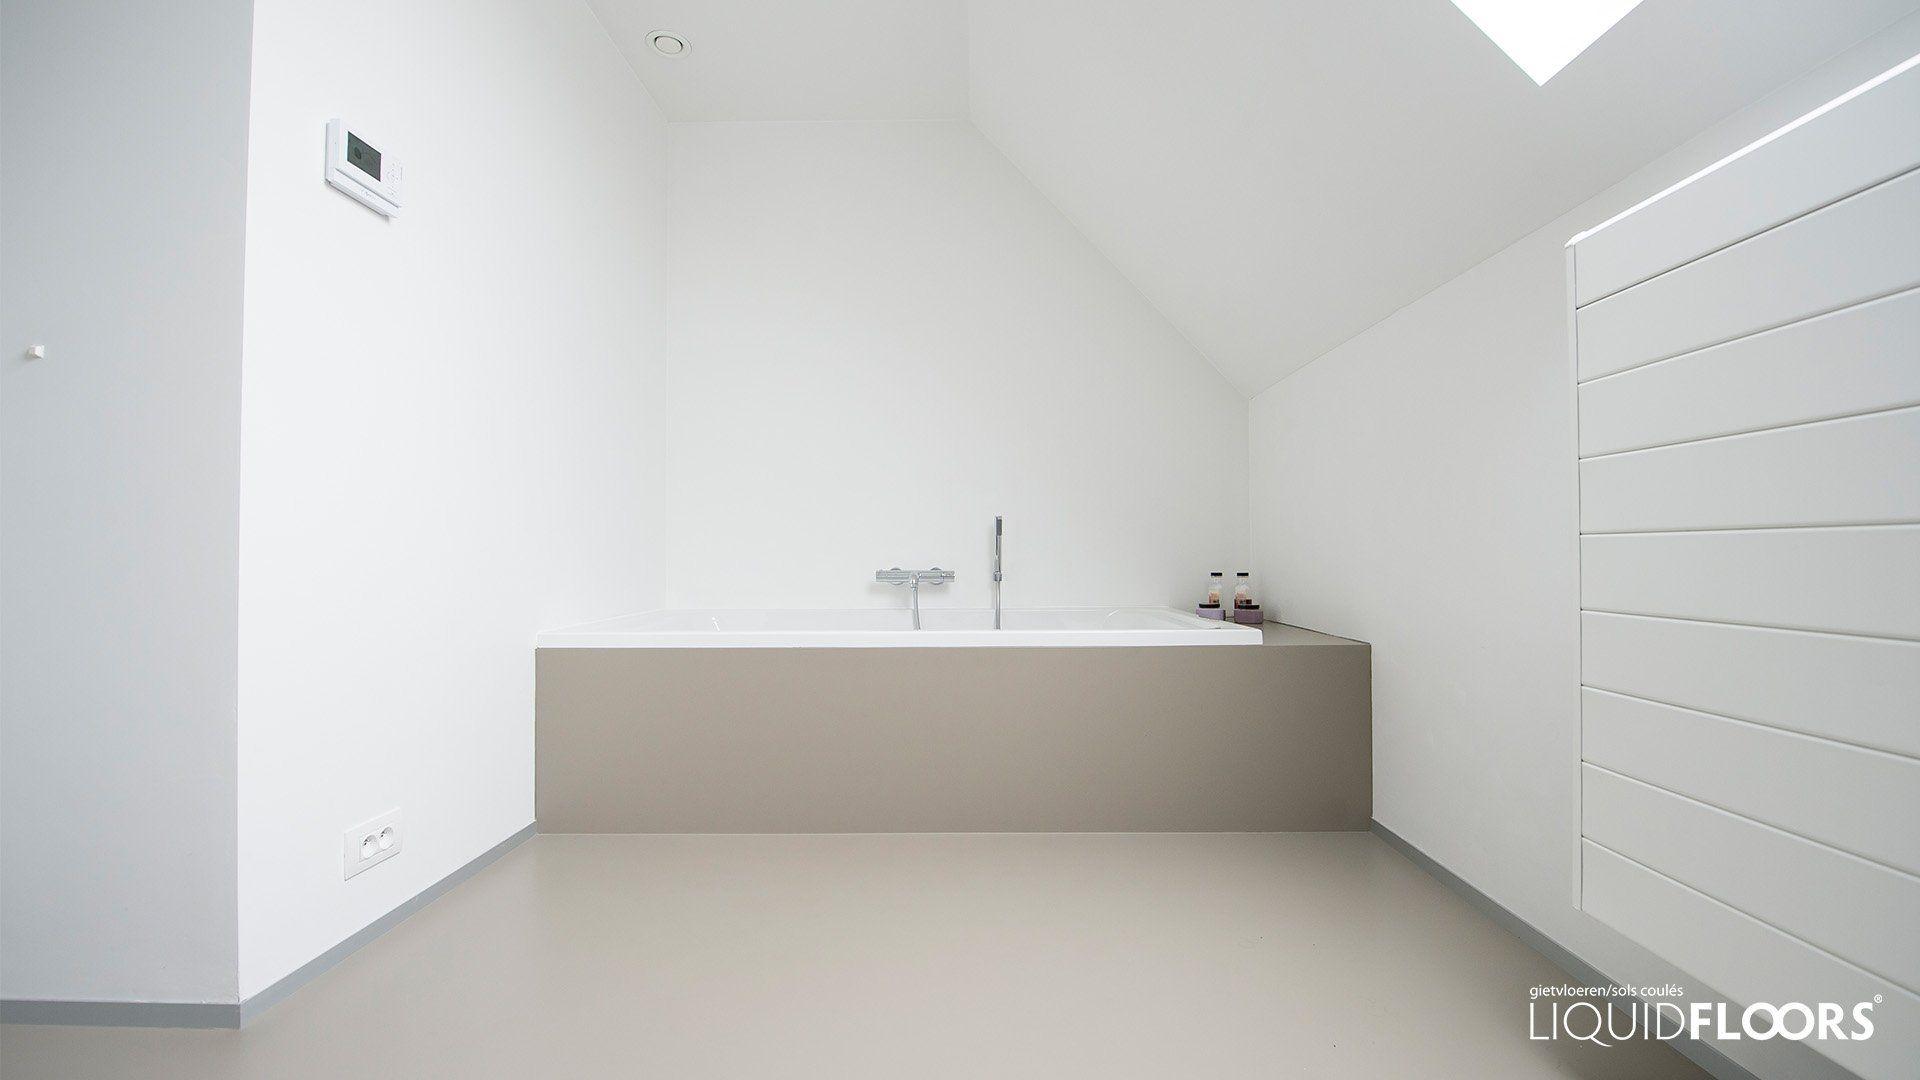 Badkamer Met Gietvloer : Badkamer gietvloer liquidfloors gietvloeren in badkamer